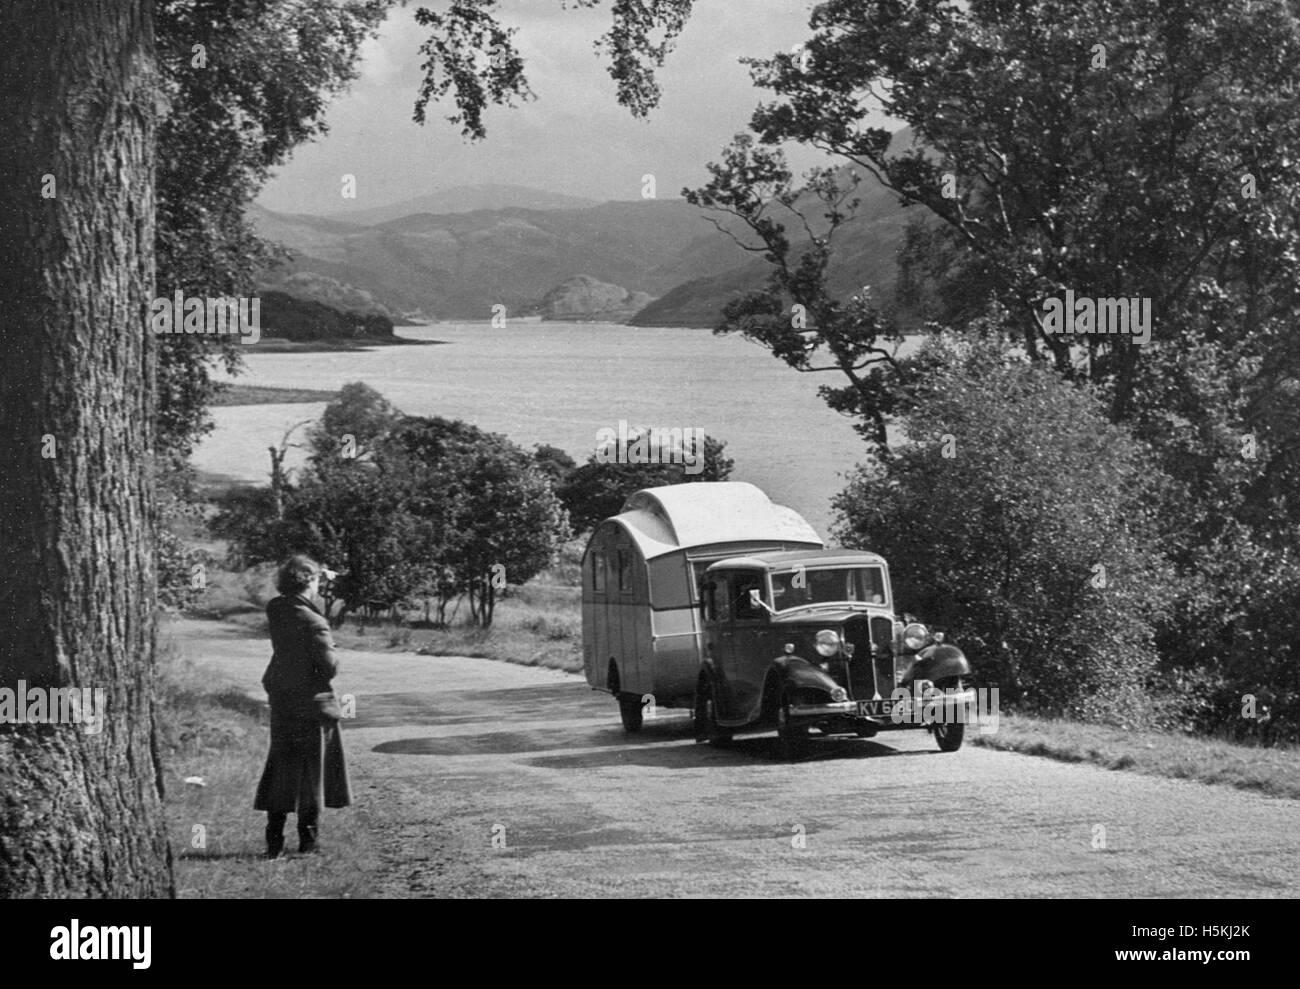 Standard Sixteen 1934 with caravan - Stock Image